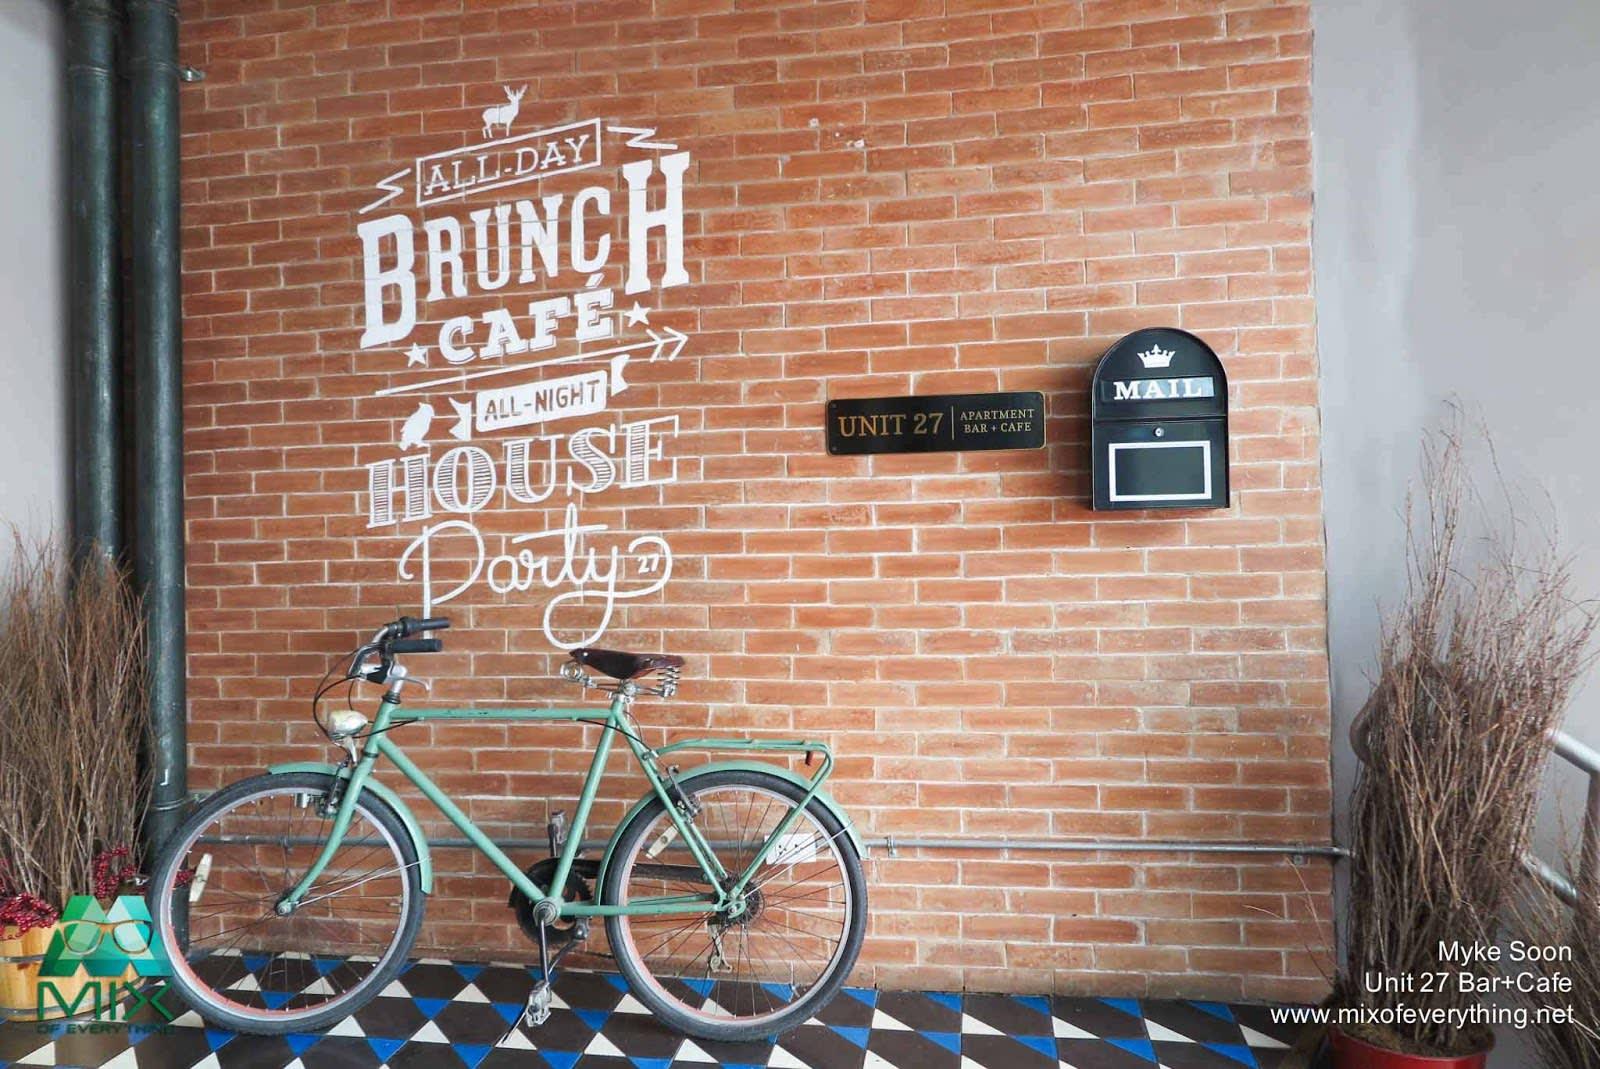 Unit 27 Bar & Cafe Manila